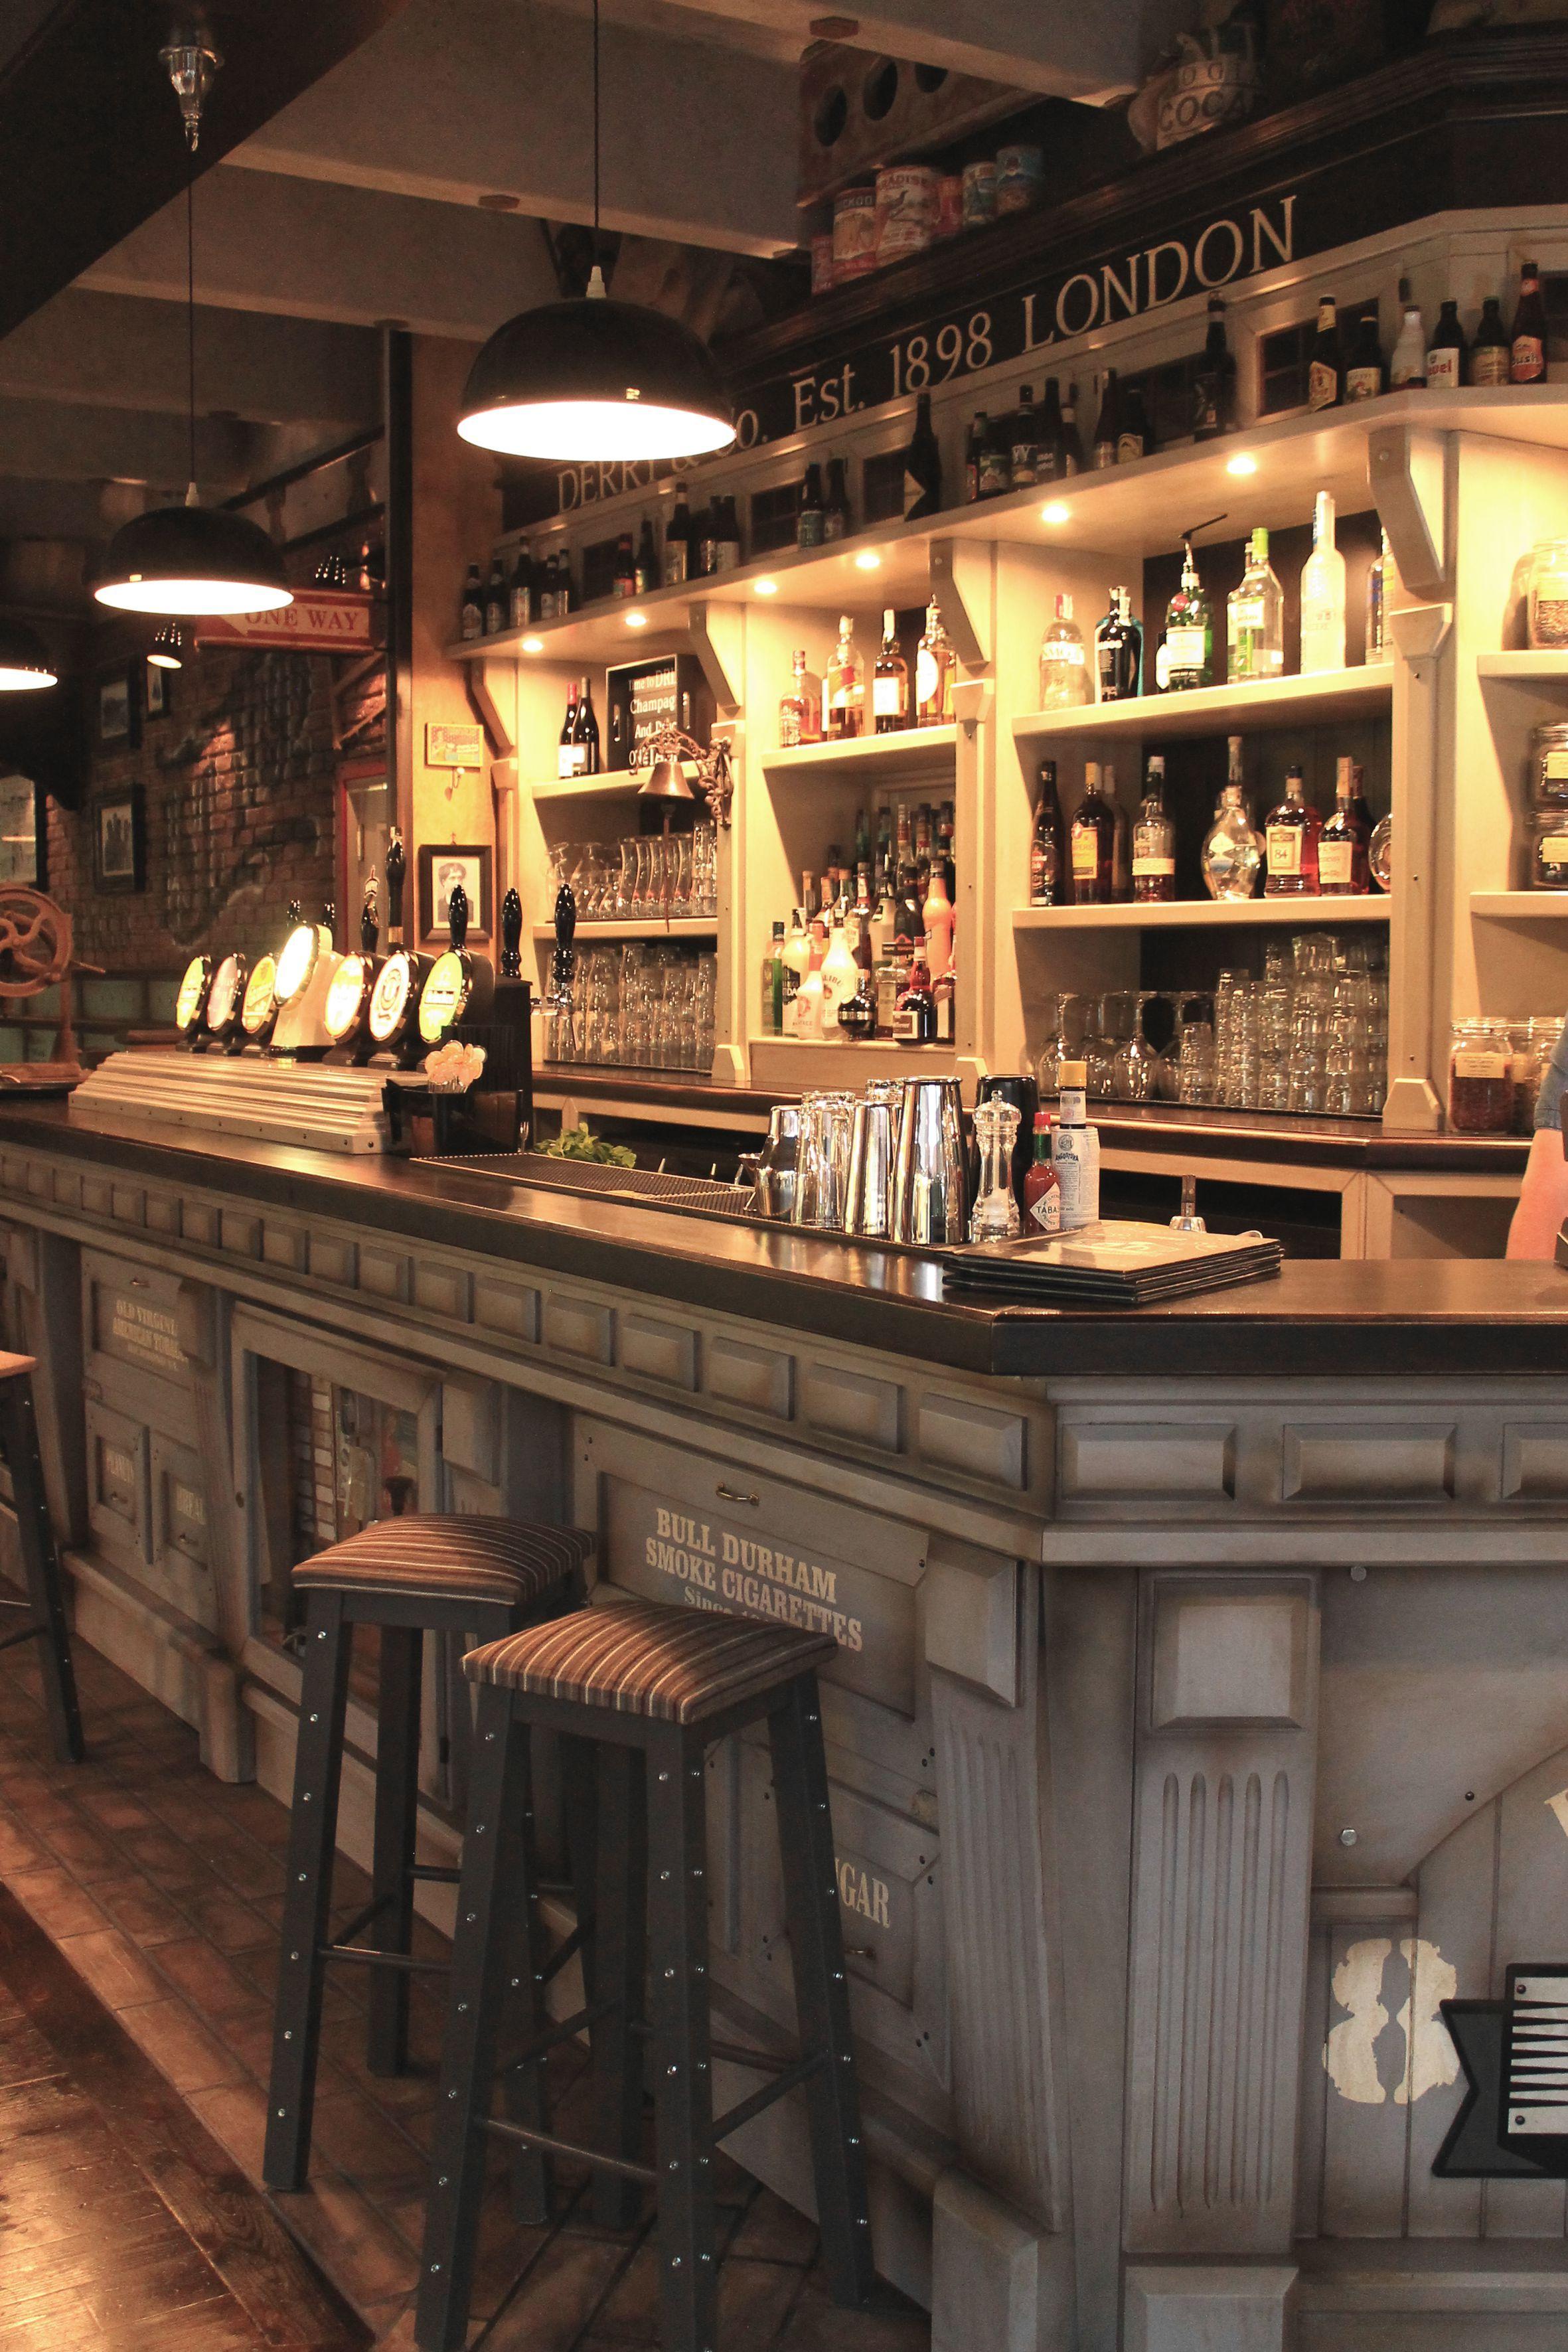 camproject srl arredo pub arredamenti arredi per irish ForArredamento Per Pub E Birrerie